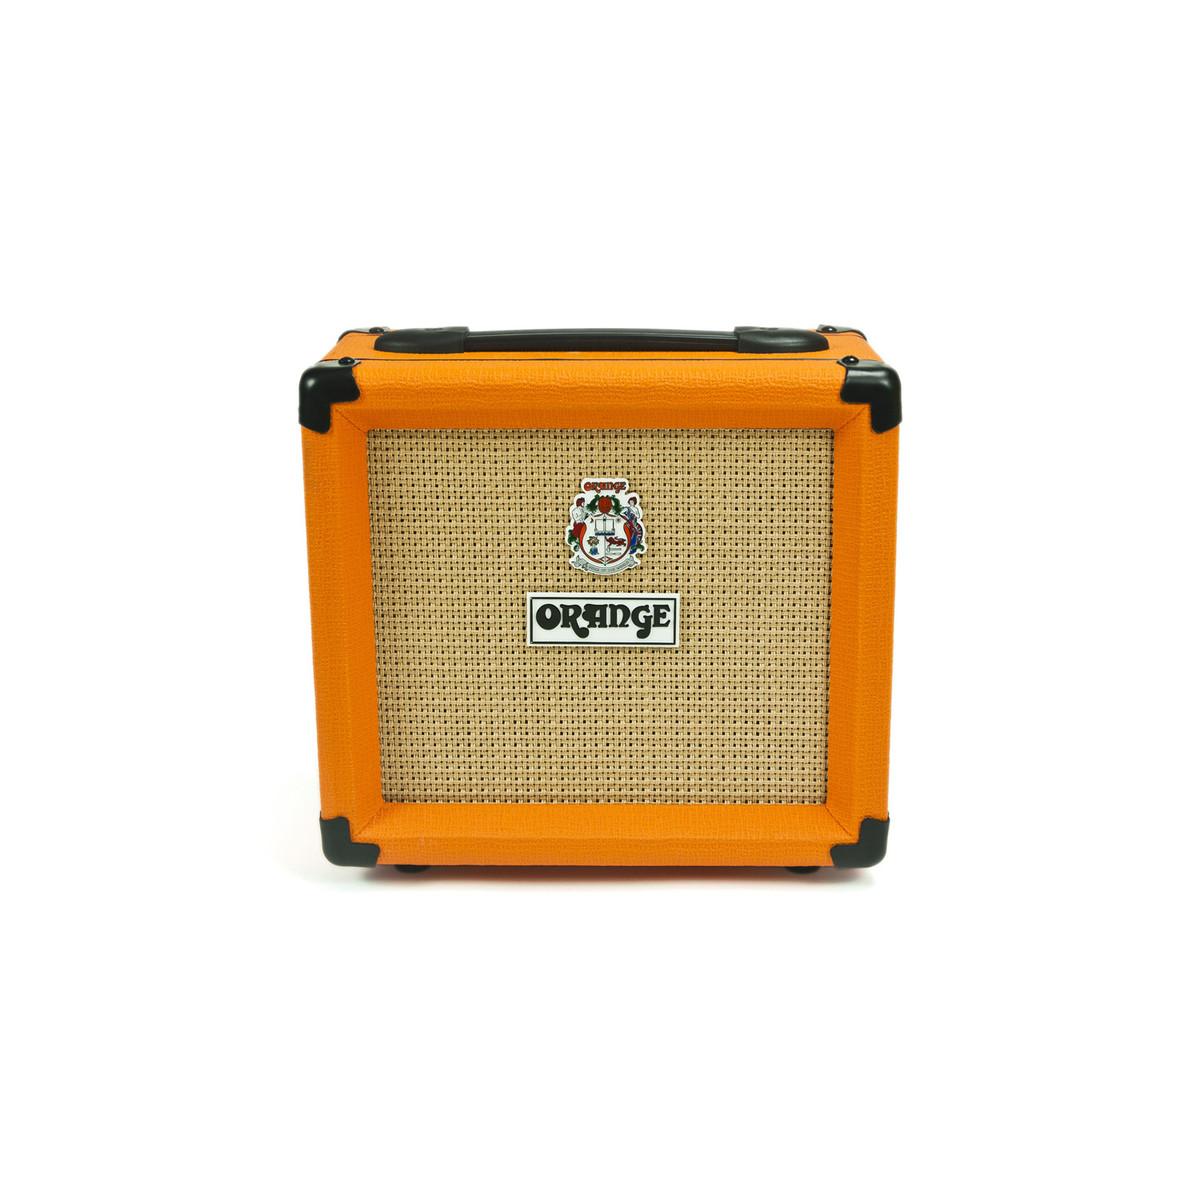 orange crush pix cr12l gitarre und verst rker im starterpaket von orange bei gear4music. Black Bedroom Furniture Sets. Home Design Ideas